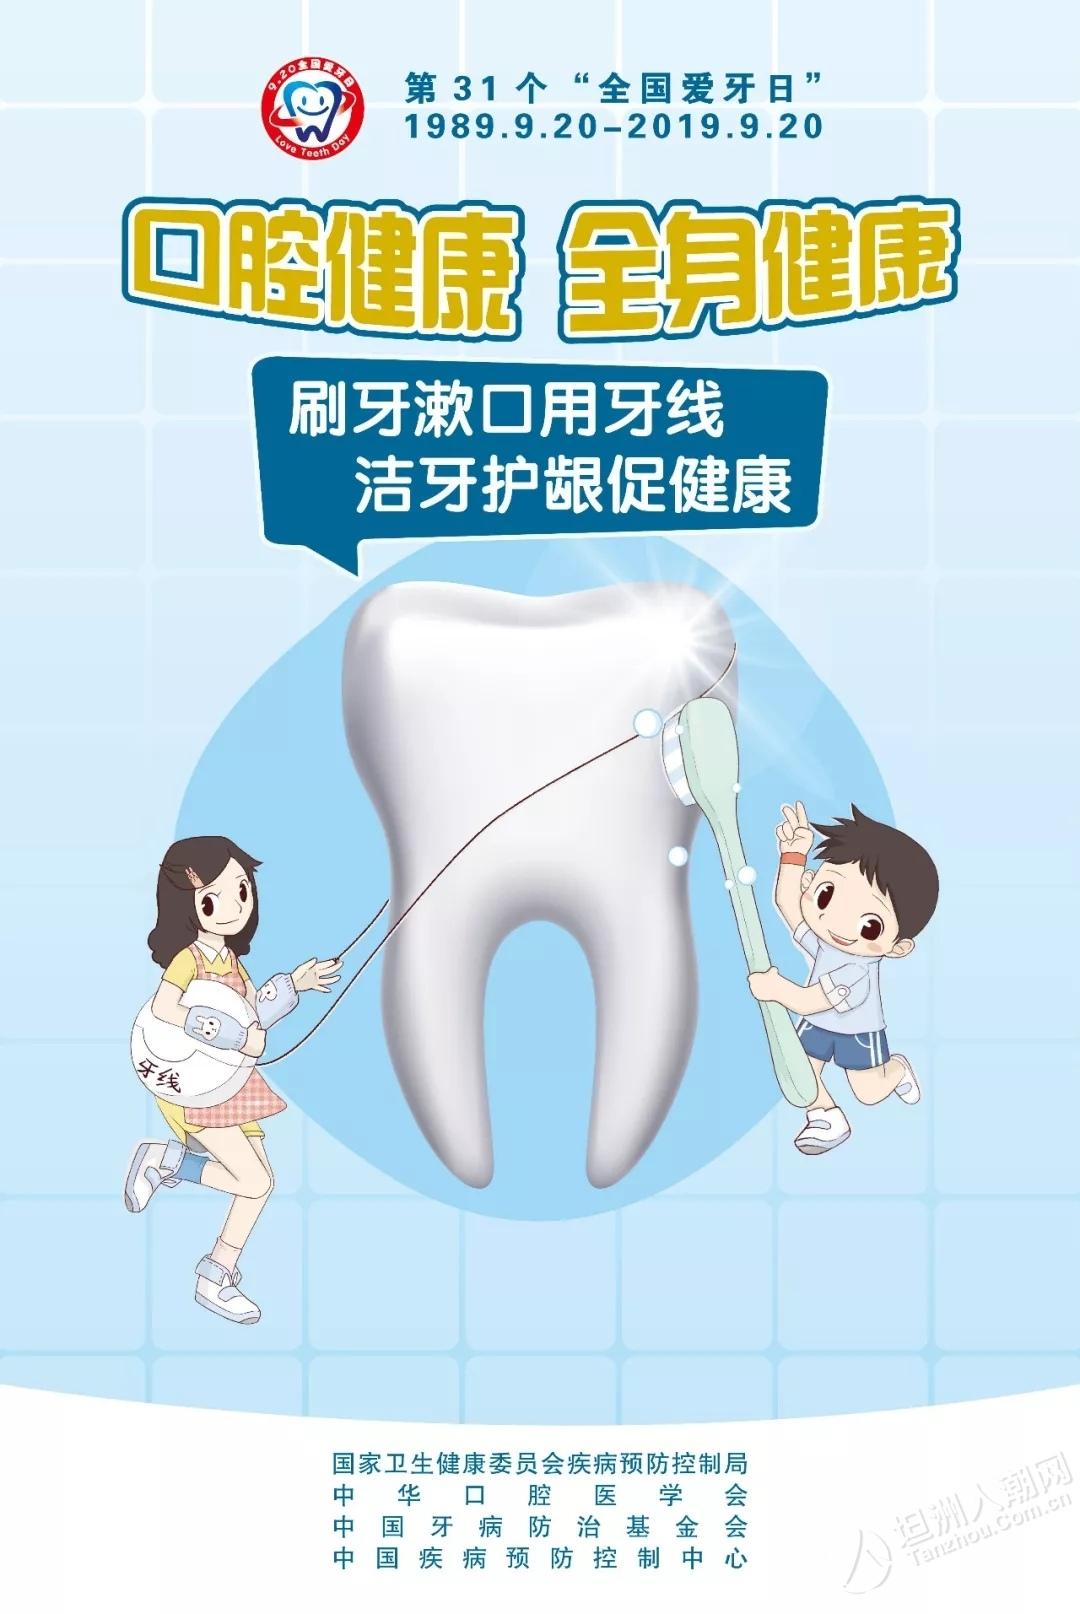 今天是全国爱牙日,坦洲网友你知道怎么爱护牙齿吗?看这!